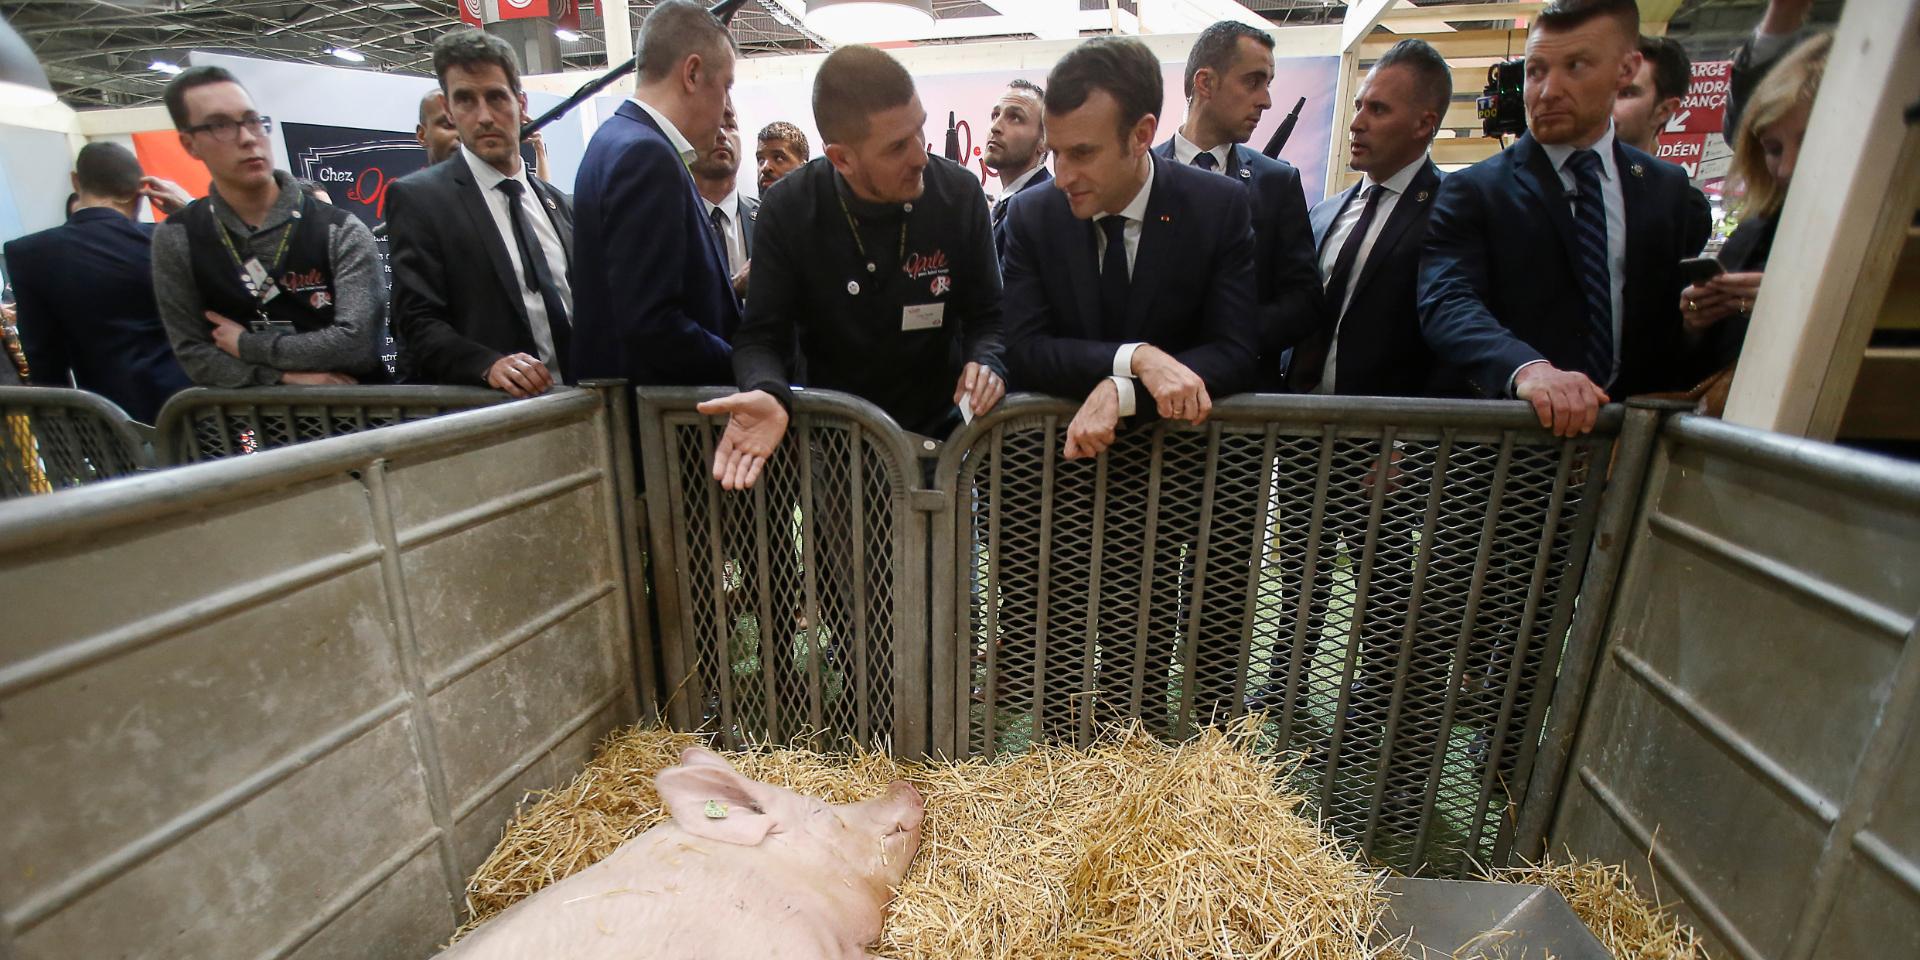 PAC, grogne paysanne et ombre de Chirac : les défis de Macron au Salon de l'Agriculture